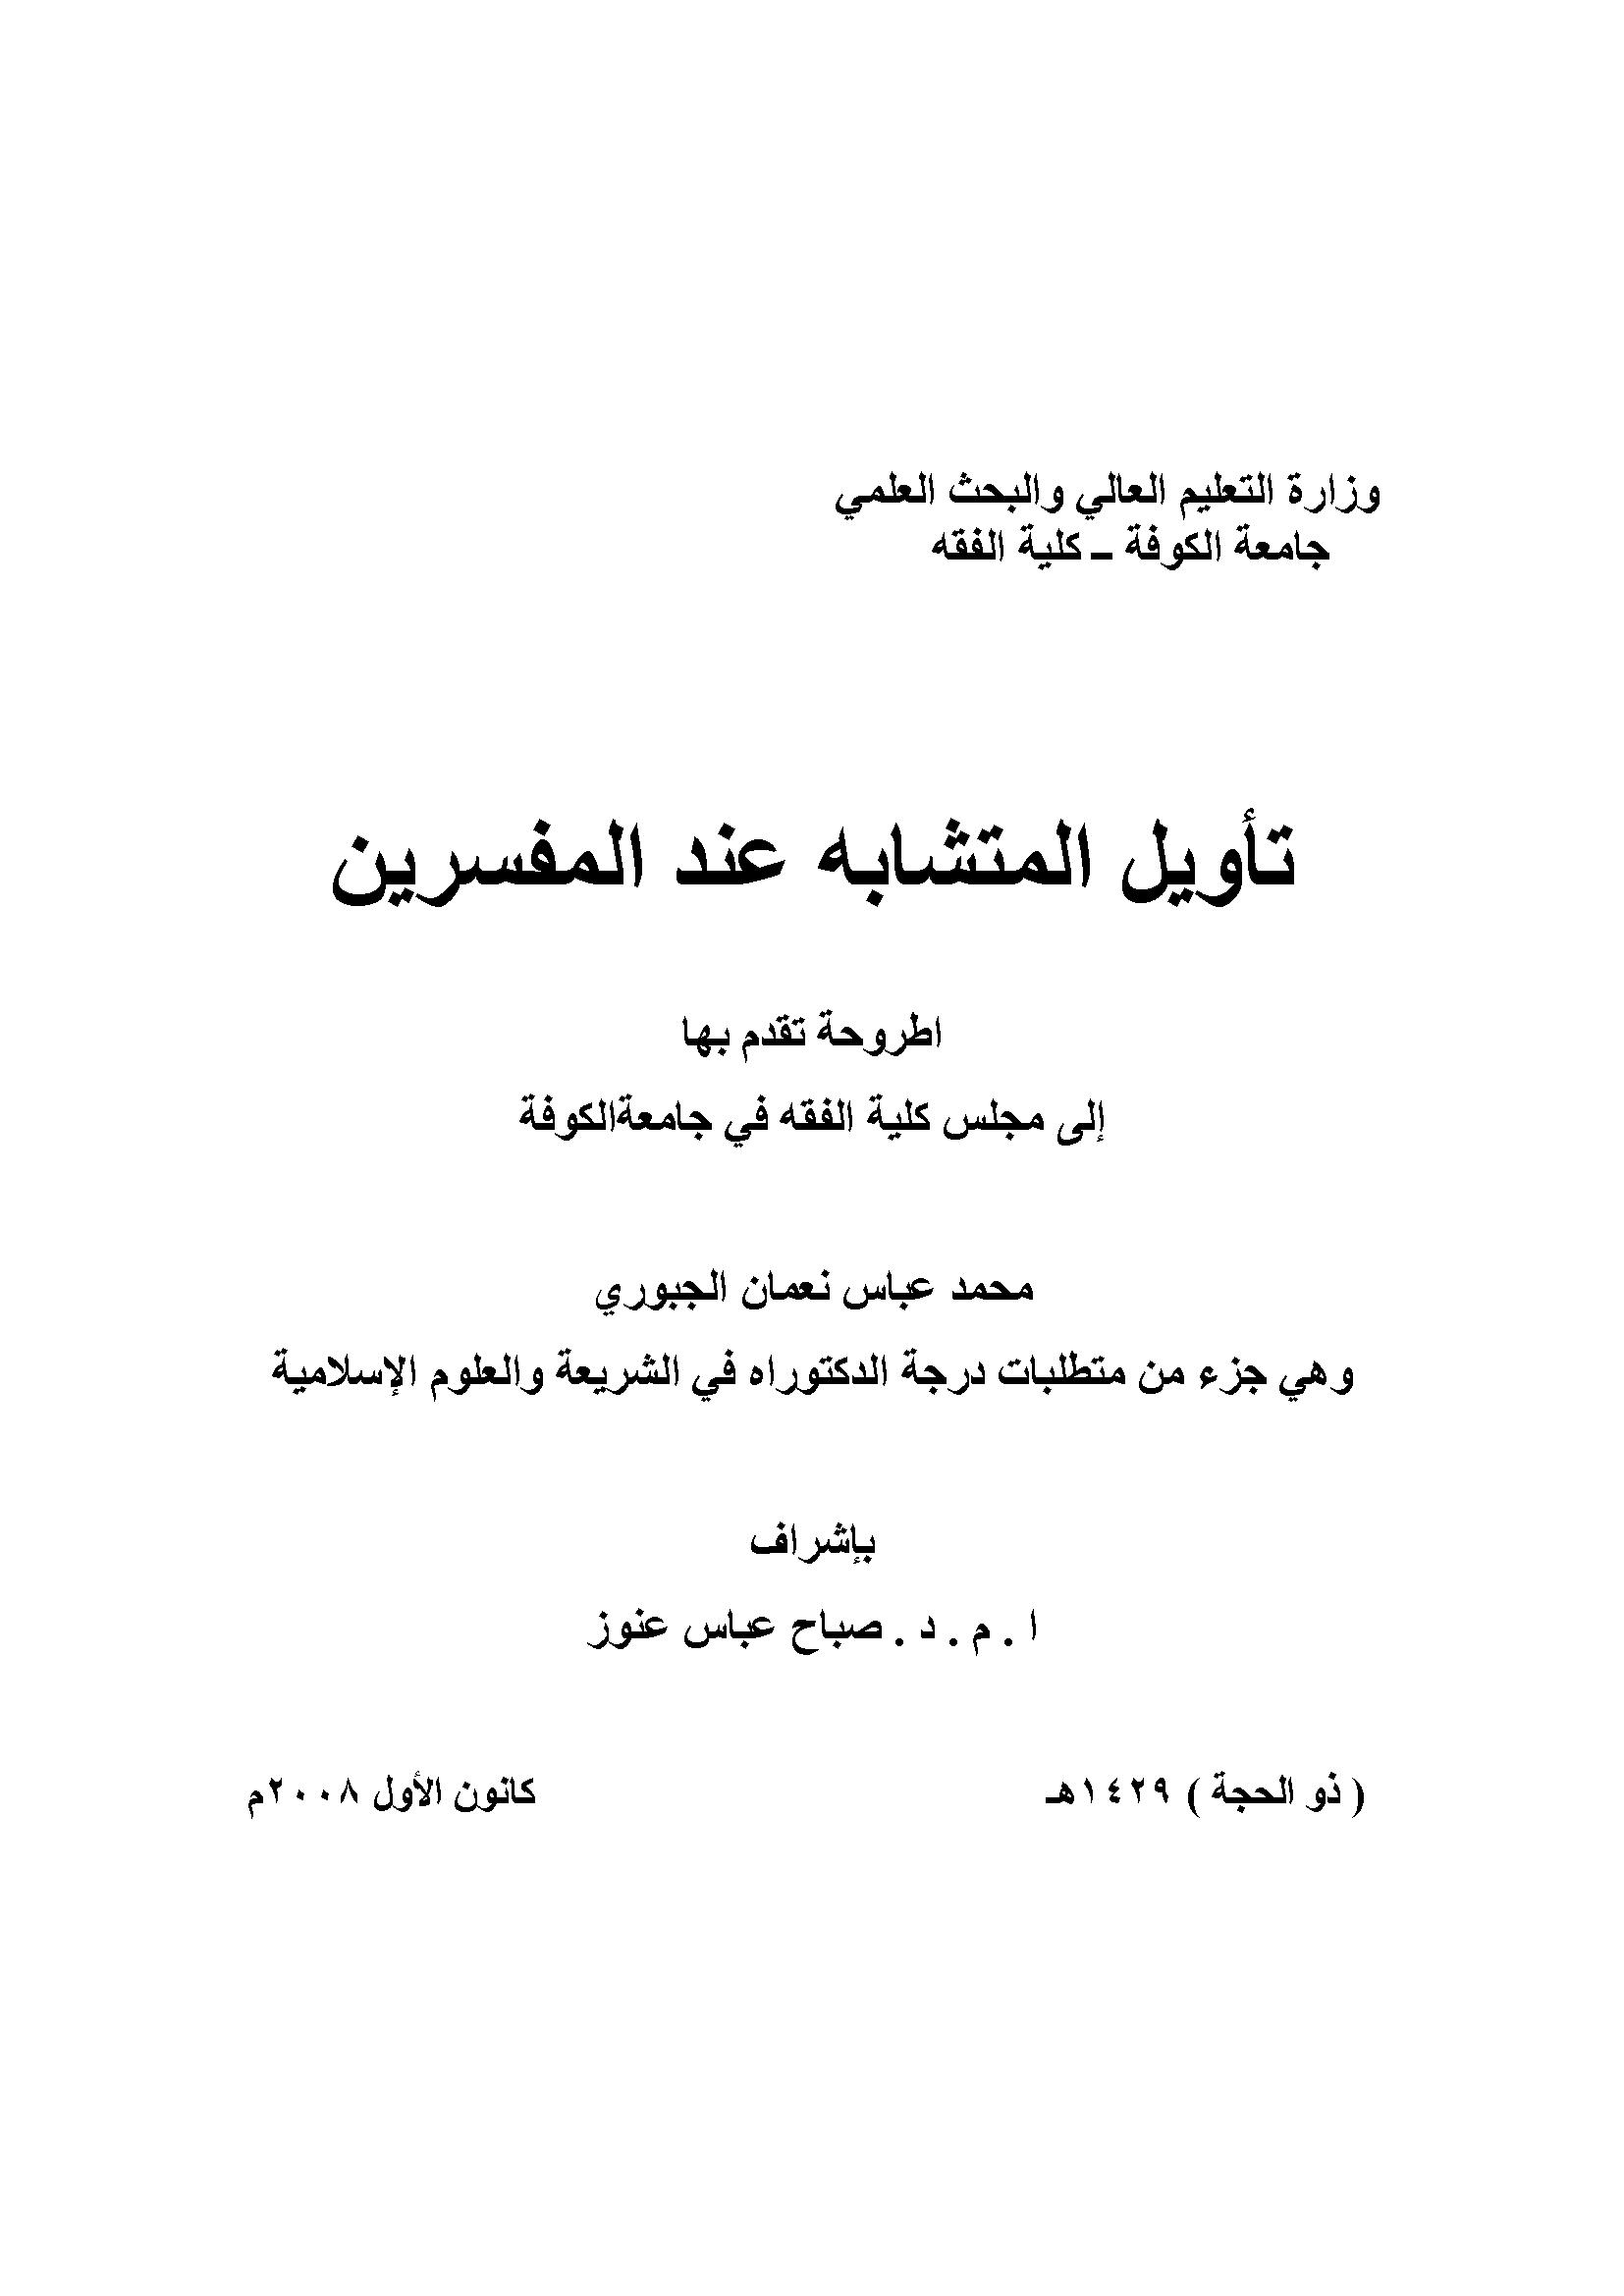 تحميل كتاب تأويل المتشابه عند المفسرين لـِ: الدكتور محمد عباس نعمان الجبوري